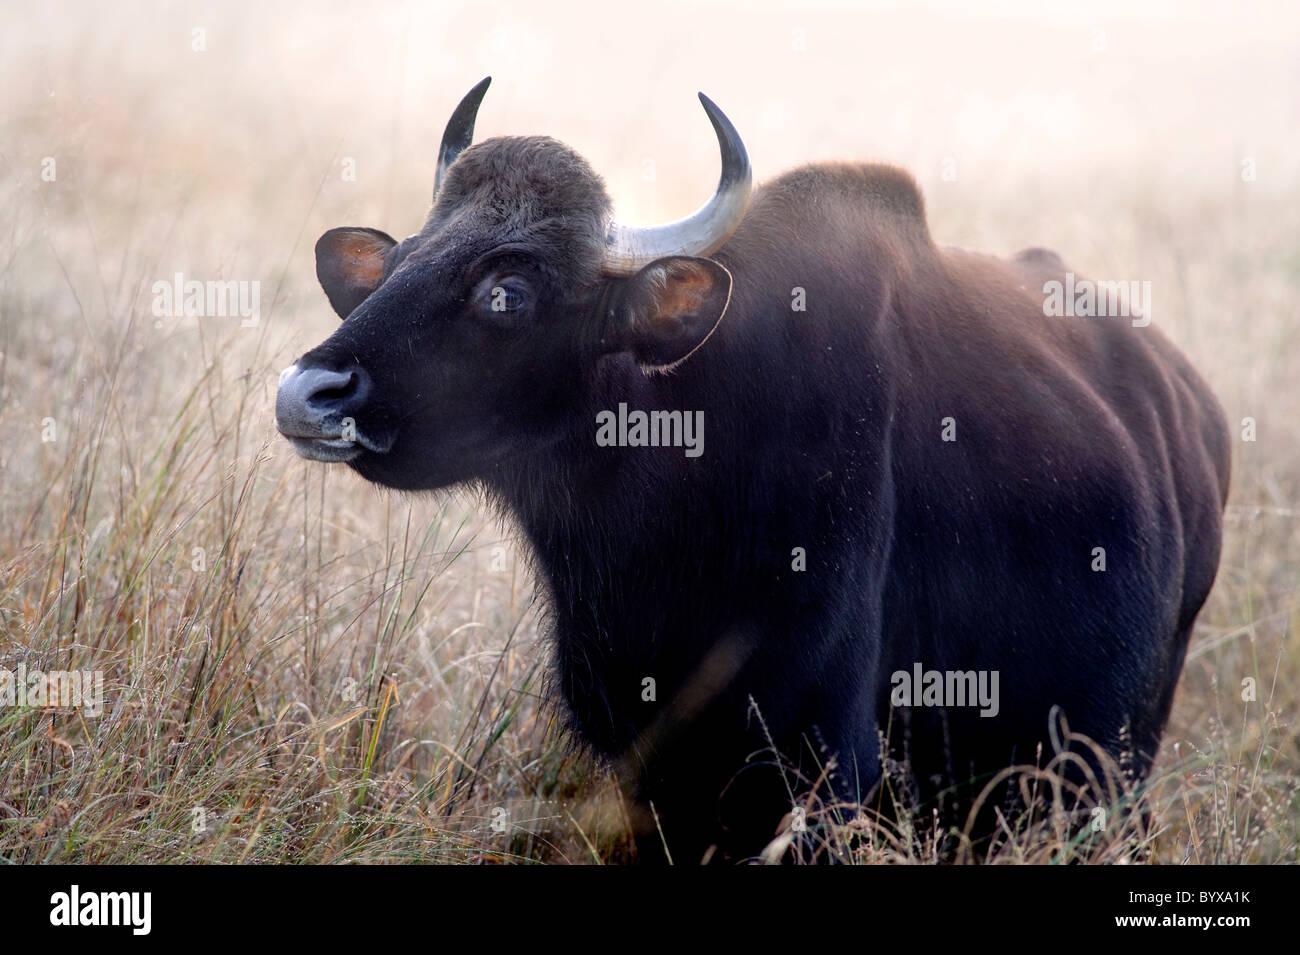 Gaur or Indian Bison Bos gaurus India - Stock Image